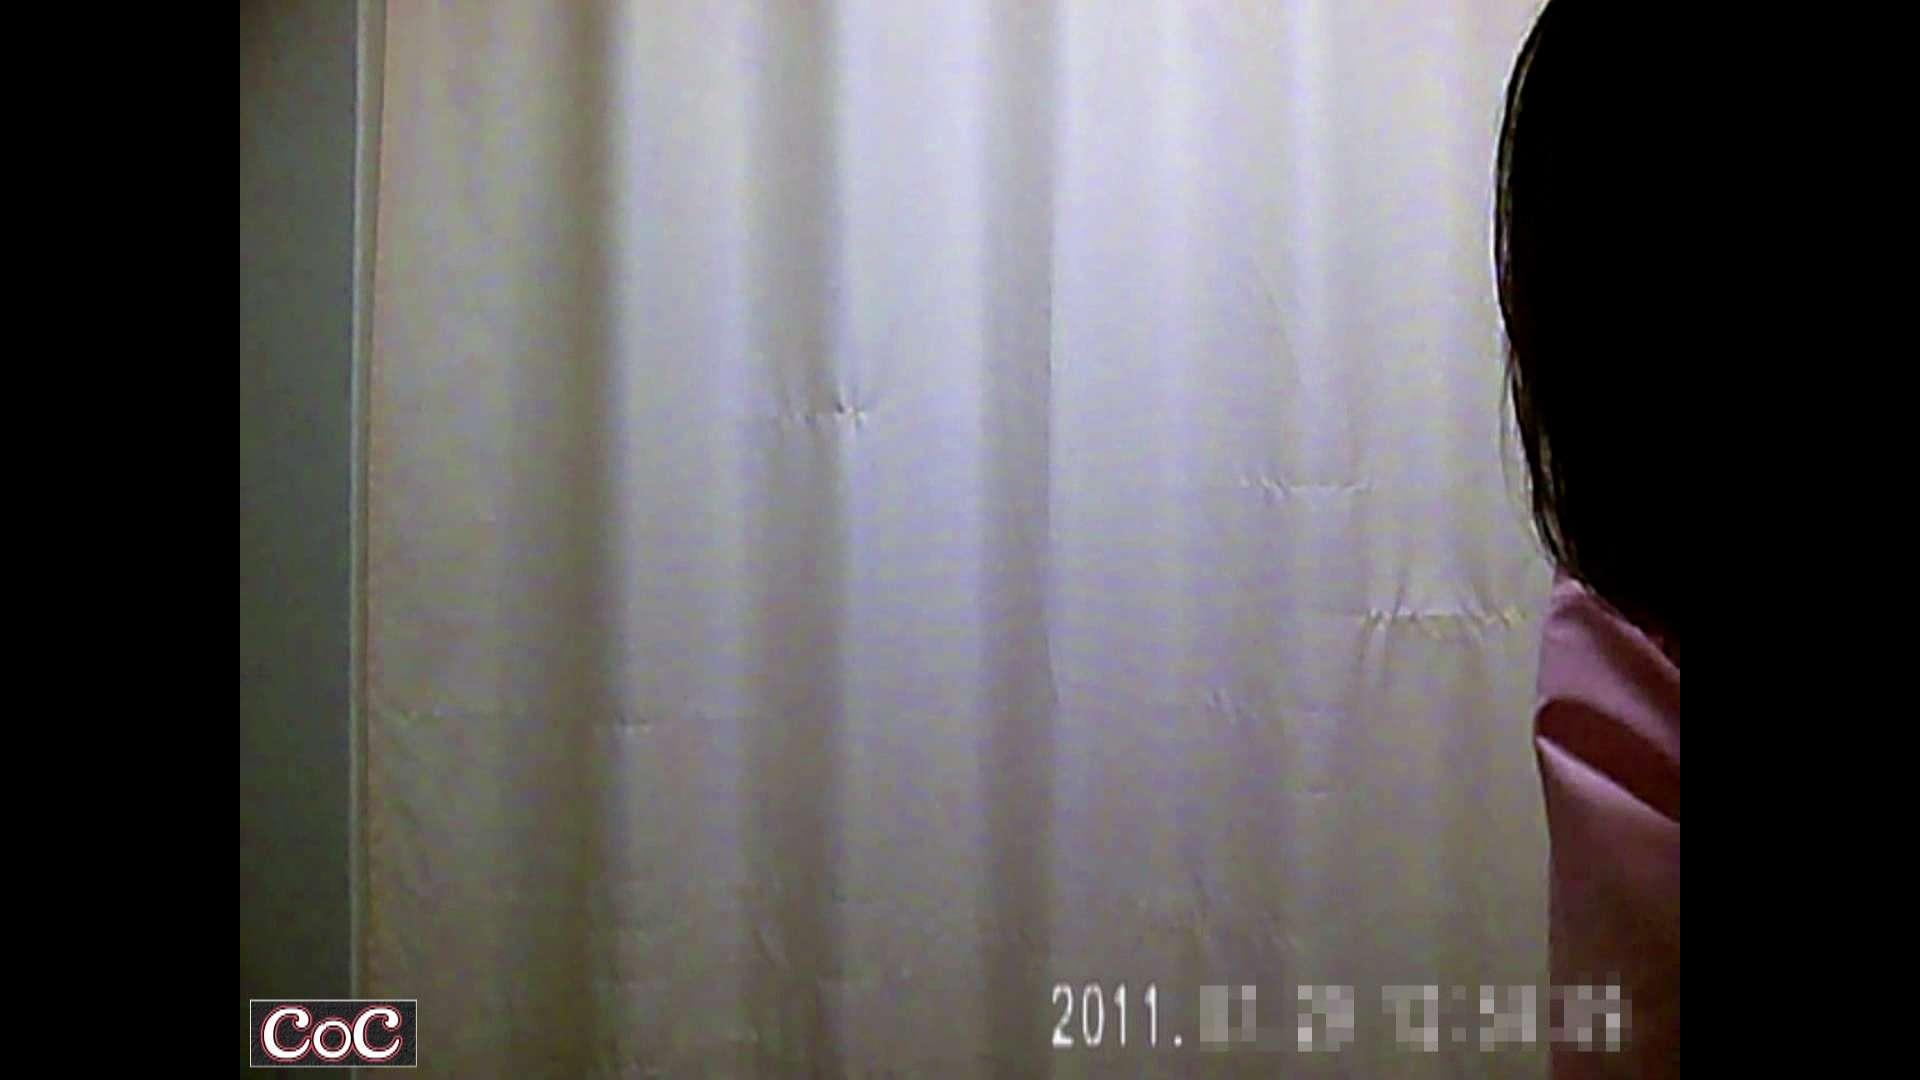 トイレ盗撮|元医者による反抗 更衣室地獄絵巻 vol.289|怪盗ジョーカー